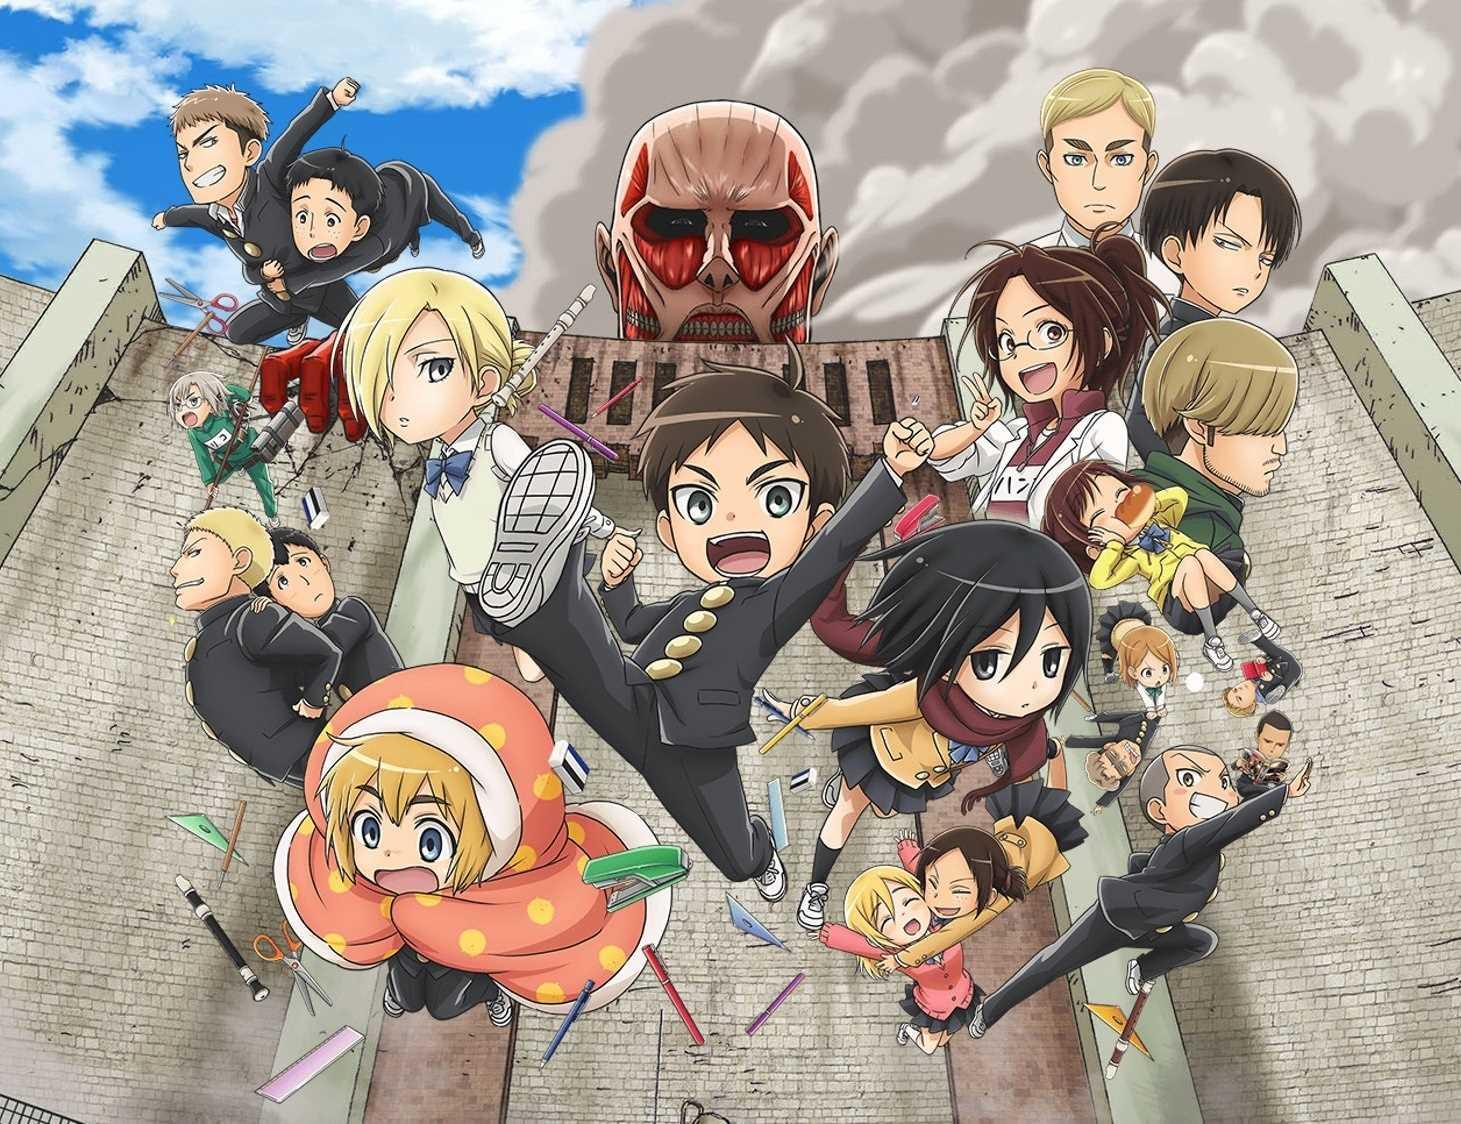 حلقات إعدادية الهجوم على العمالقة - Shingeki! Kyojin Chuugakkou-تمت اضافة الحلقة 12والأخيرة